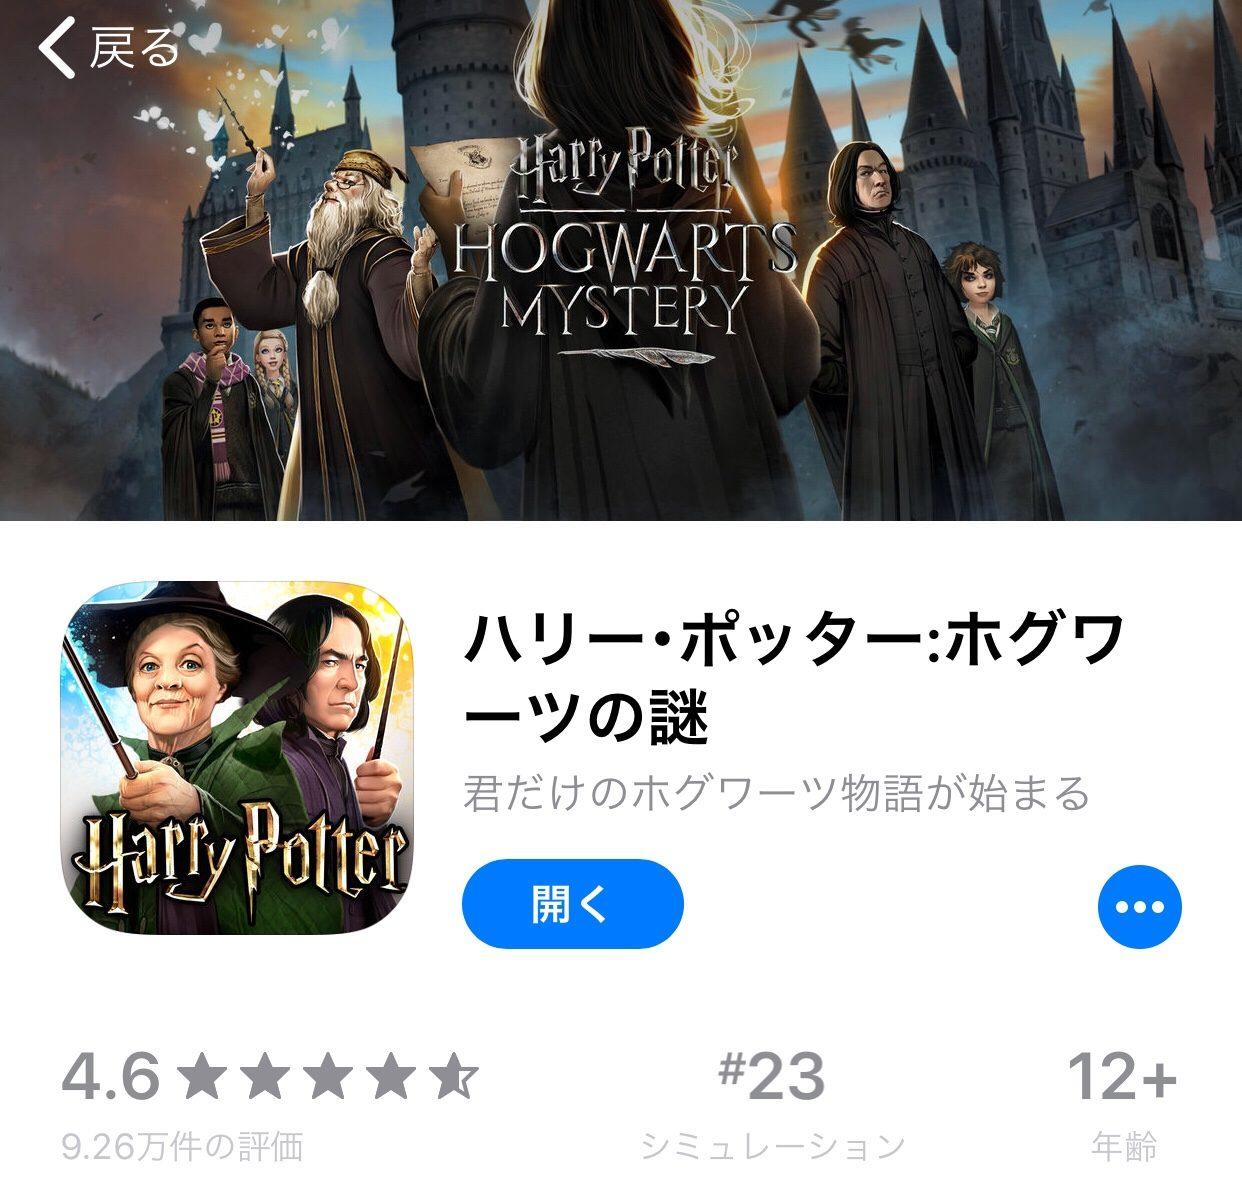 ハリー・ポッターアプリゲーム